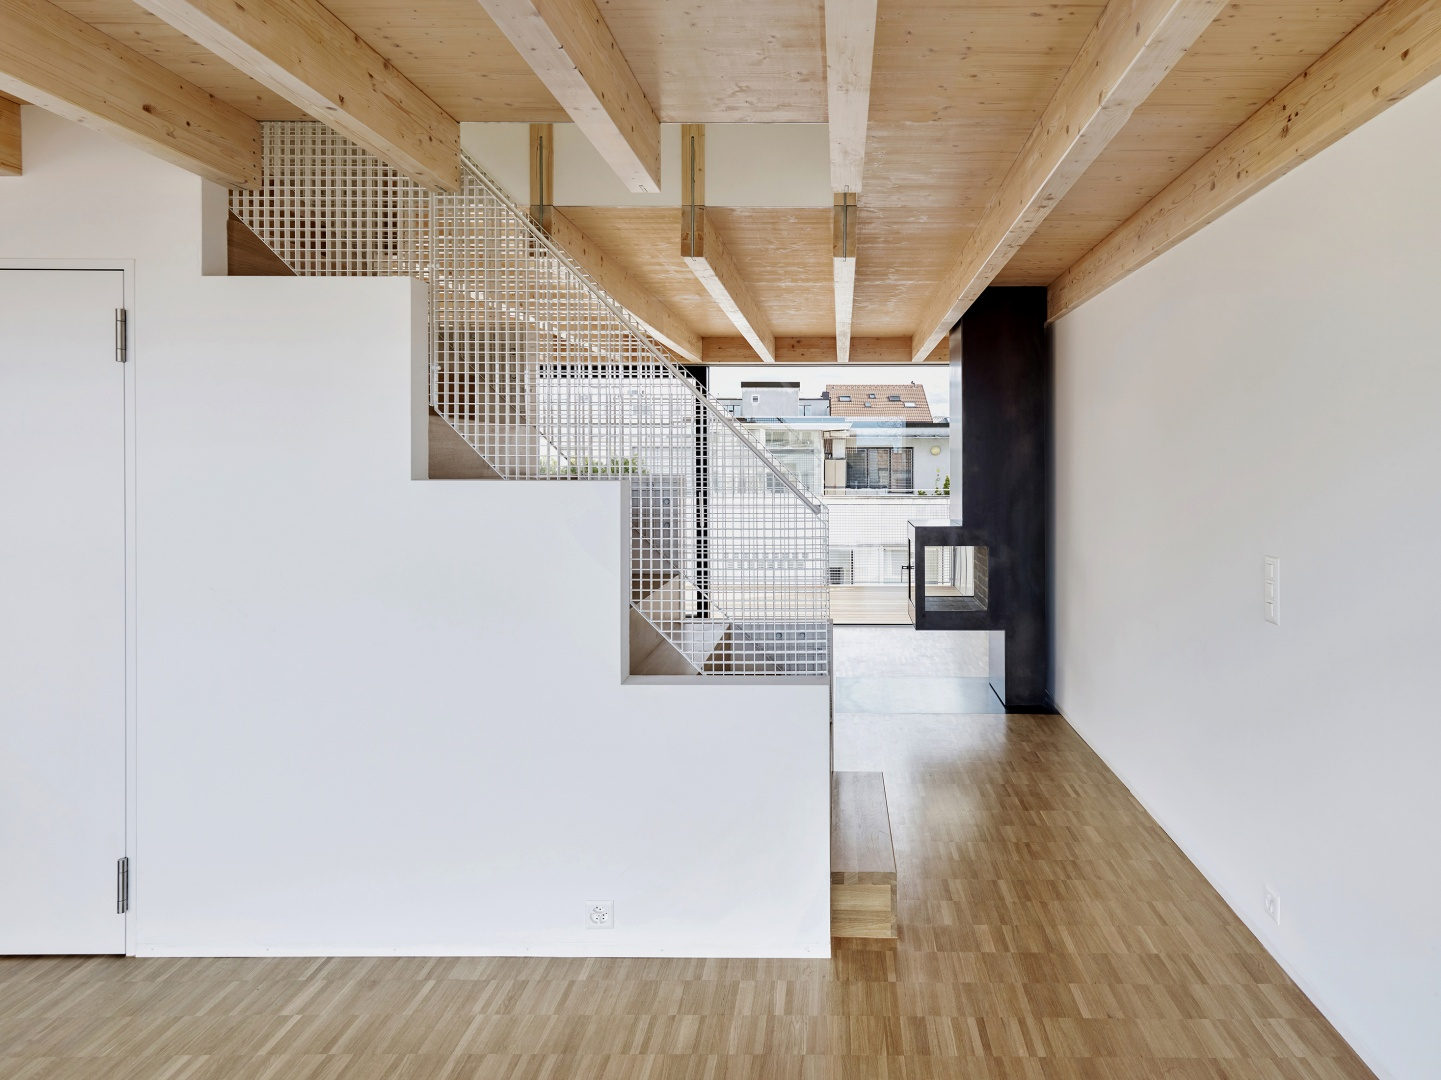 La configuration spatiale  de l'étage d'habitation,  tendu librement, s'oriente à l'élément d'accès central. © Lukas Räber